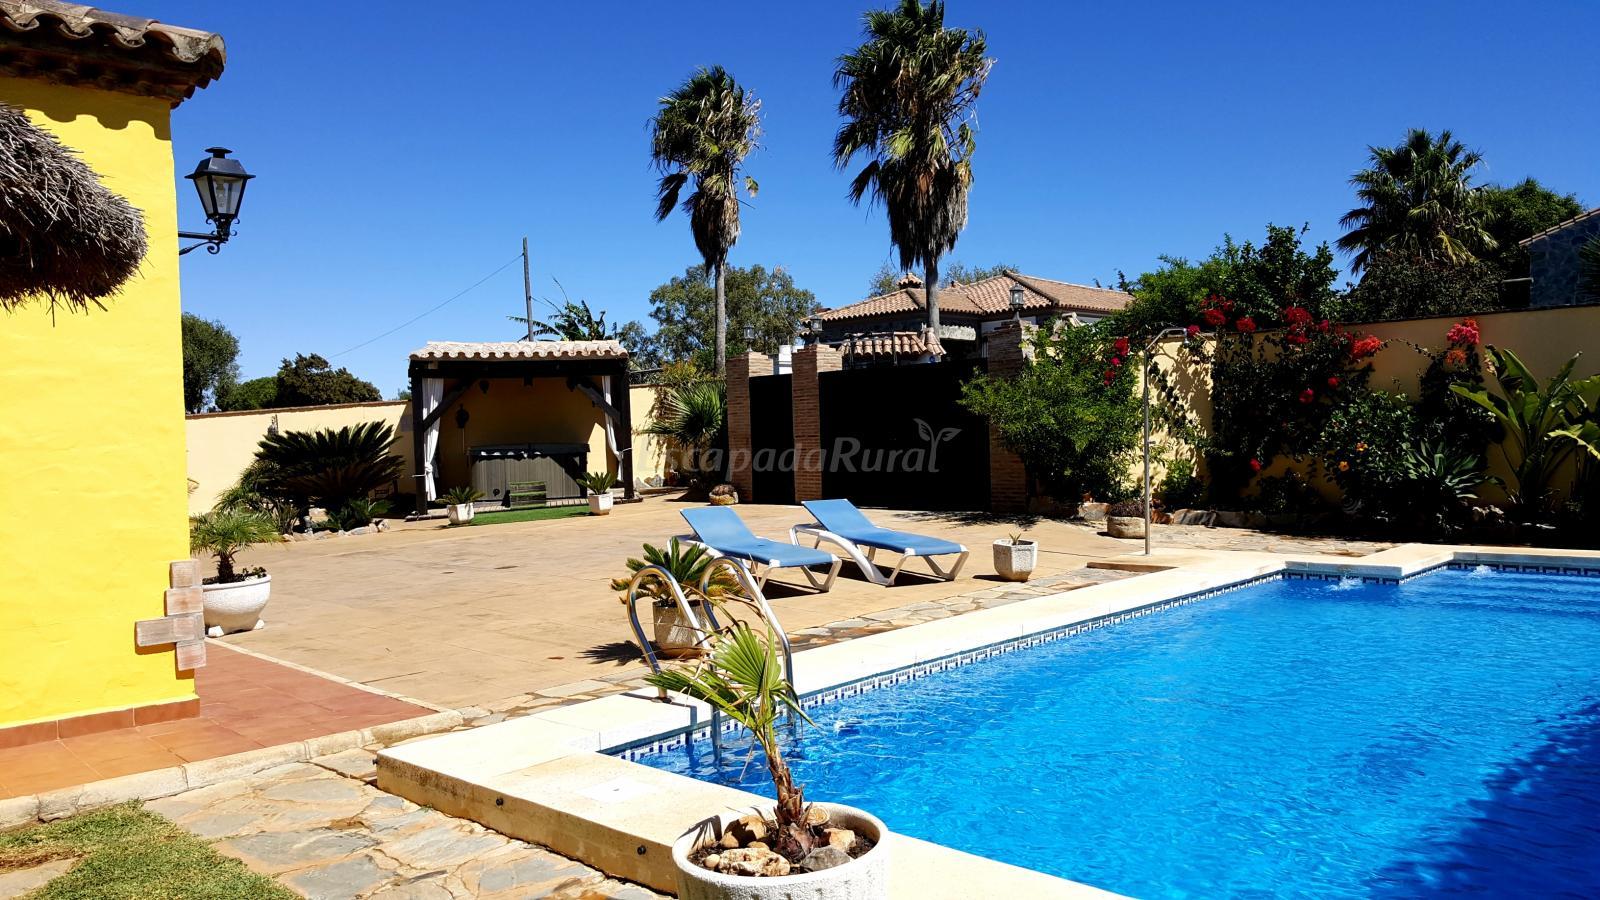 Fotos de casa nueva casa rural en vejer de la frontera - Casa rural bolonia cadiz ...